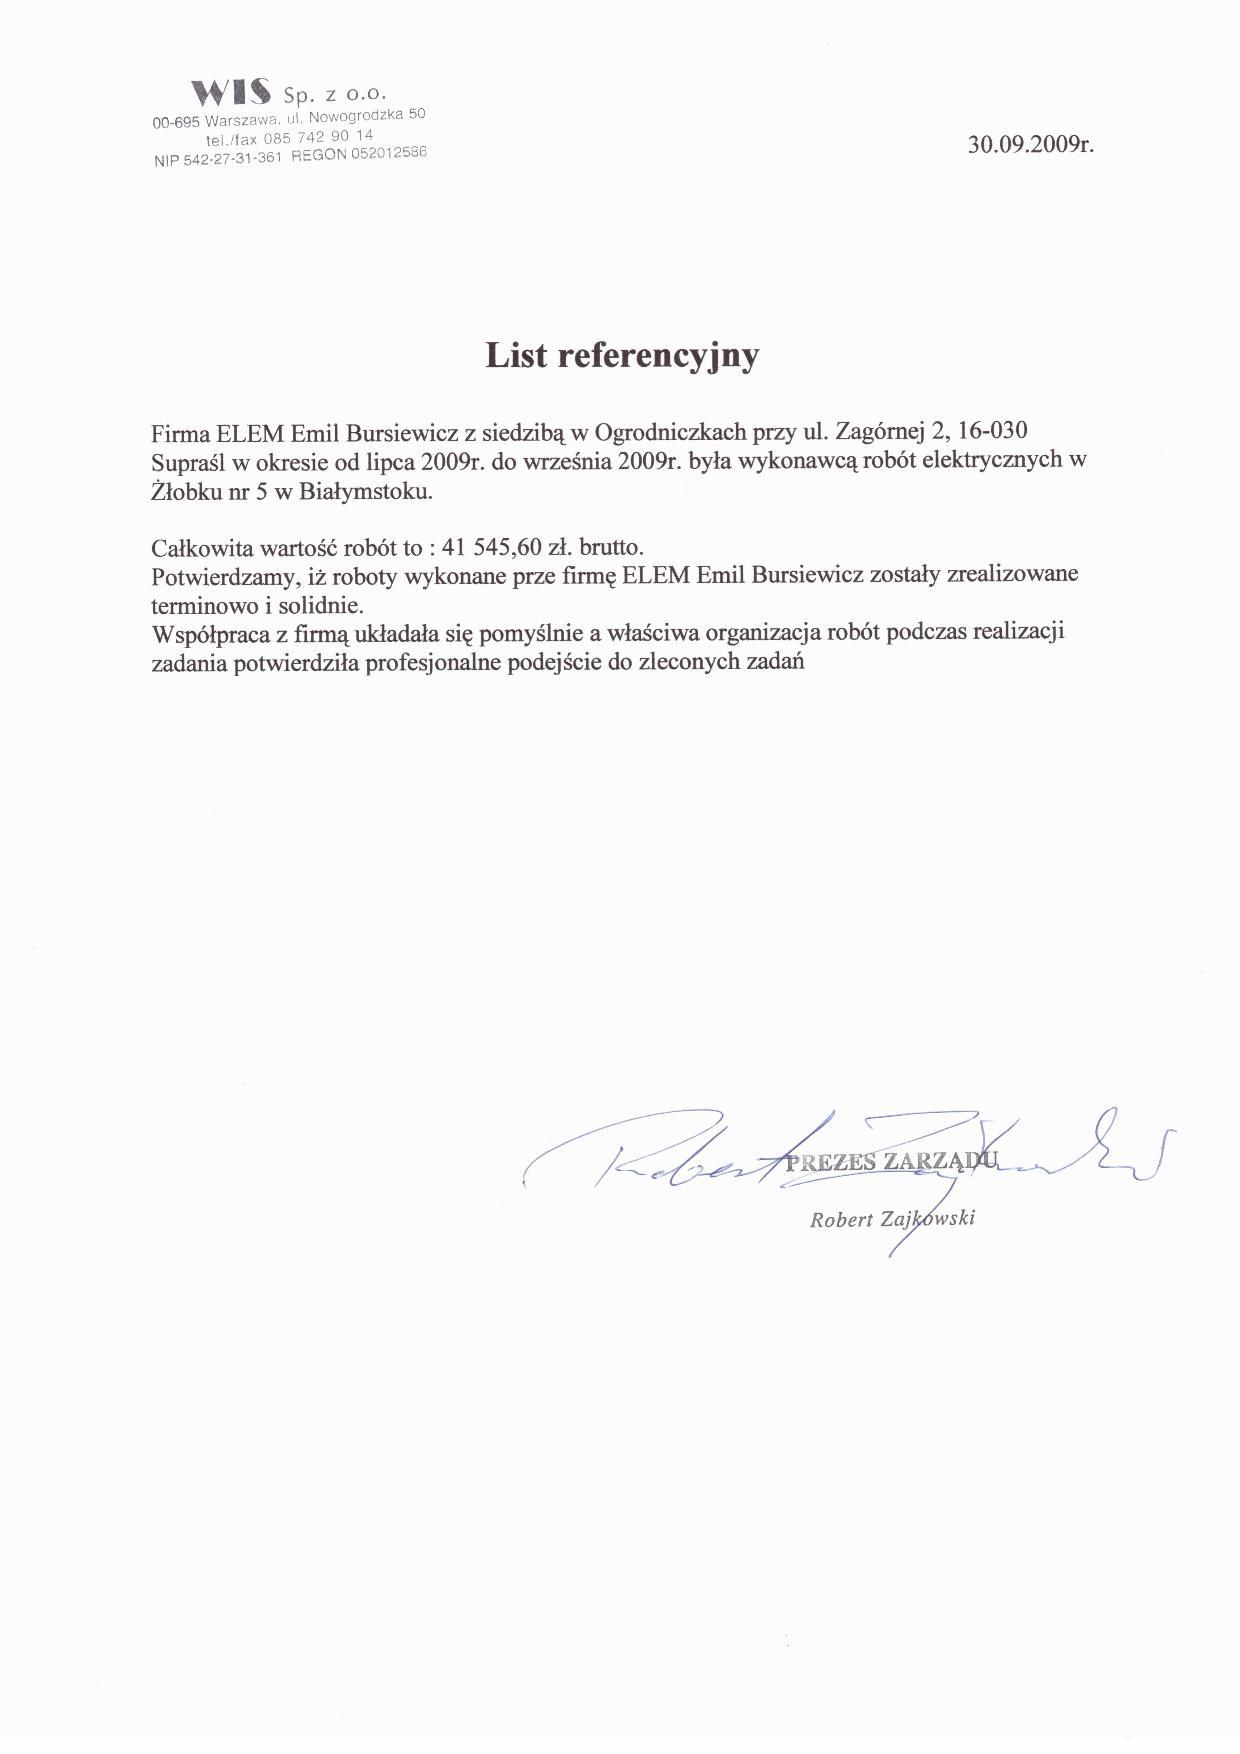 Zleceniodawca WIS Sp. z o.o.